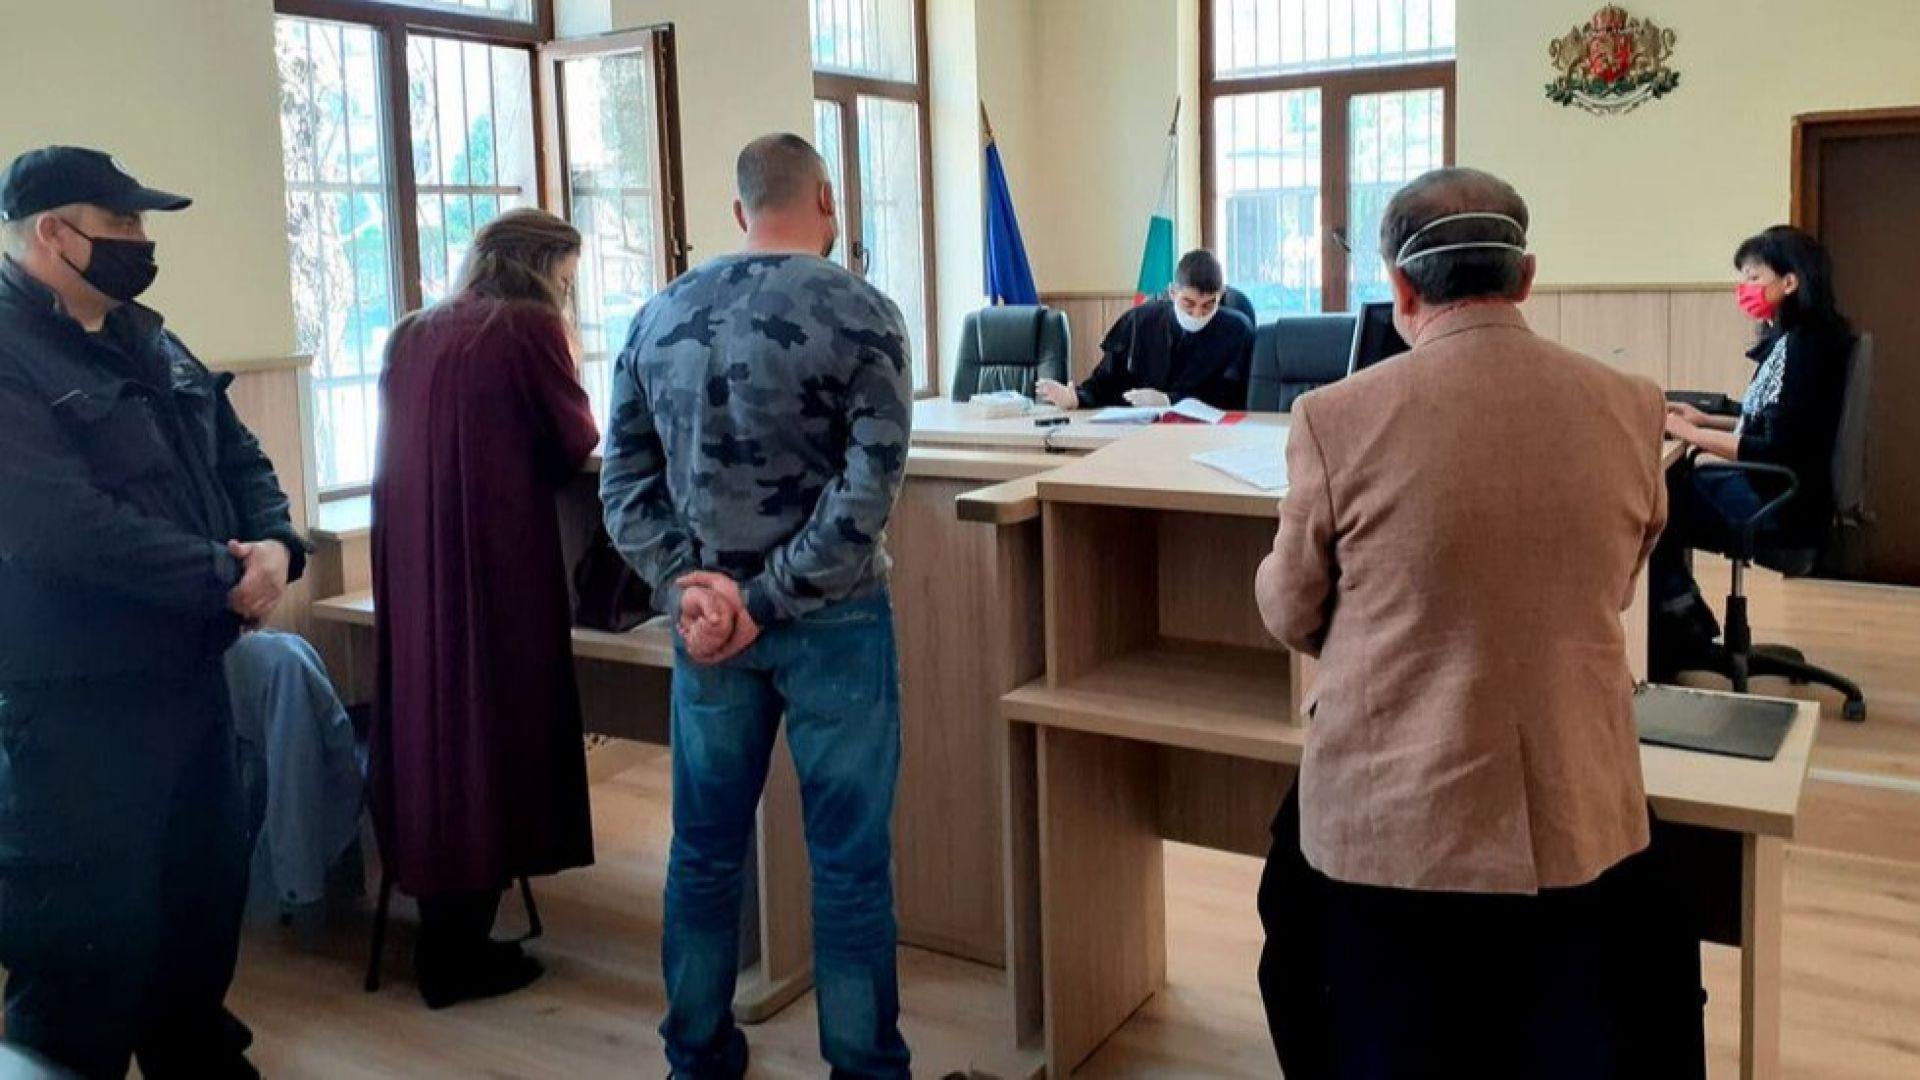 Първа присъда за нарушаване на карантината - 5 хил. лв. и пробация